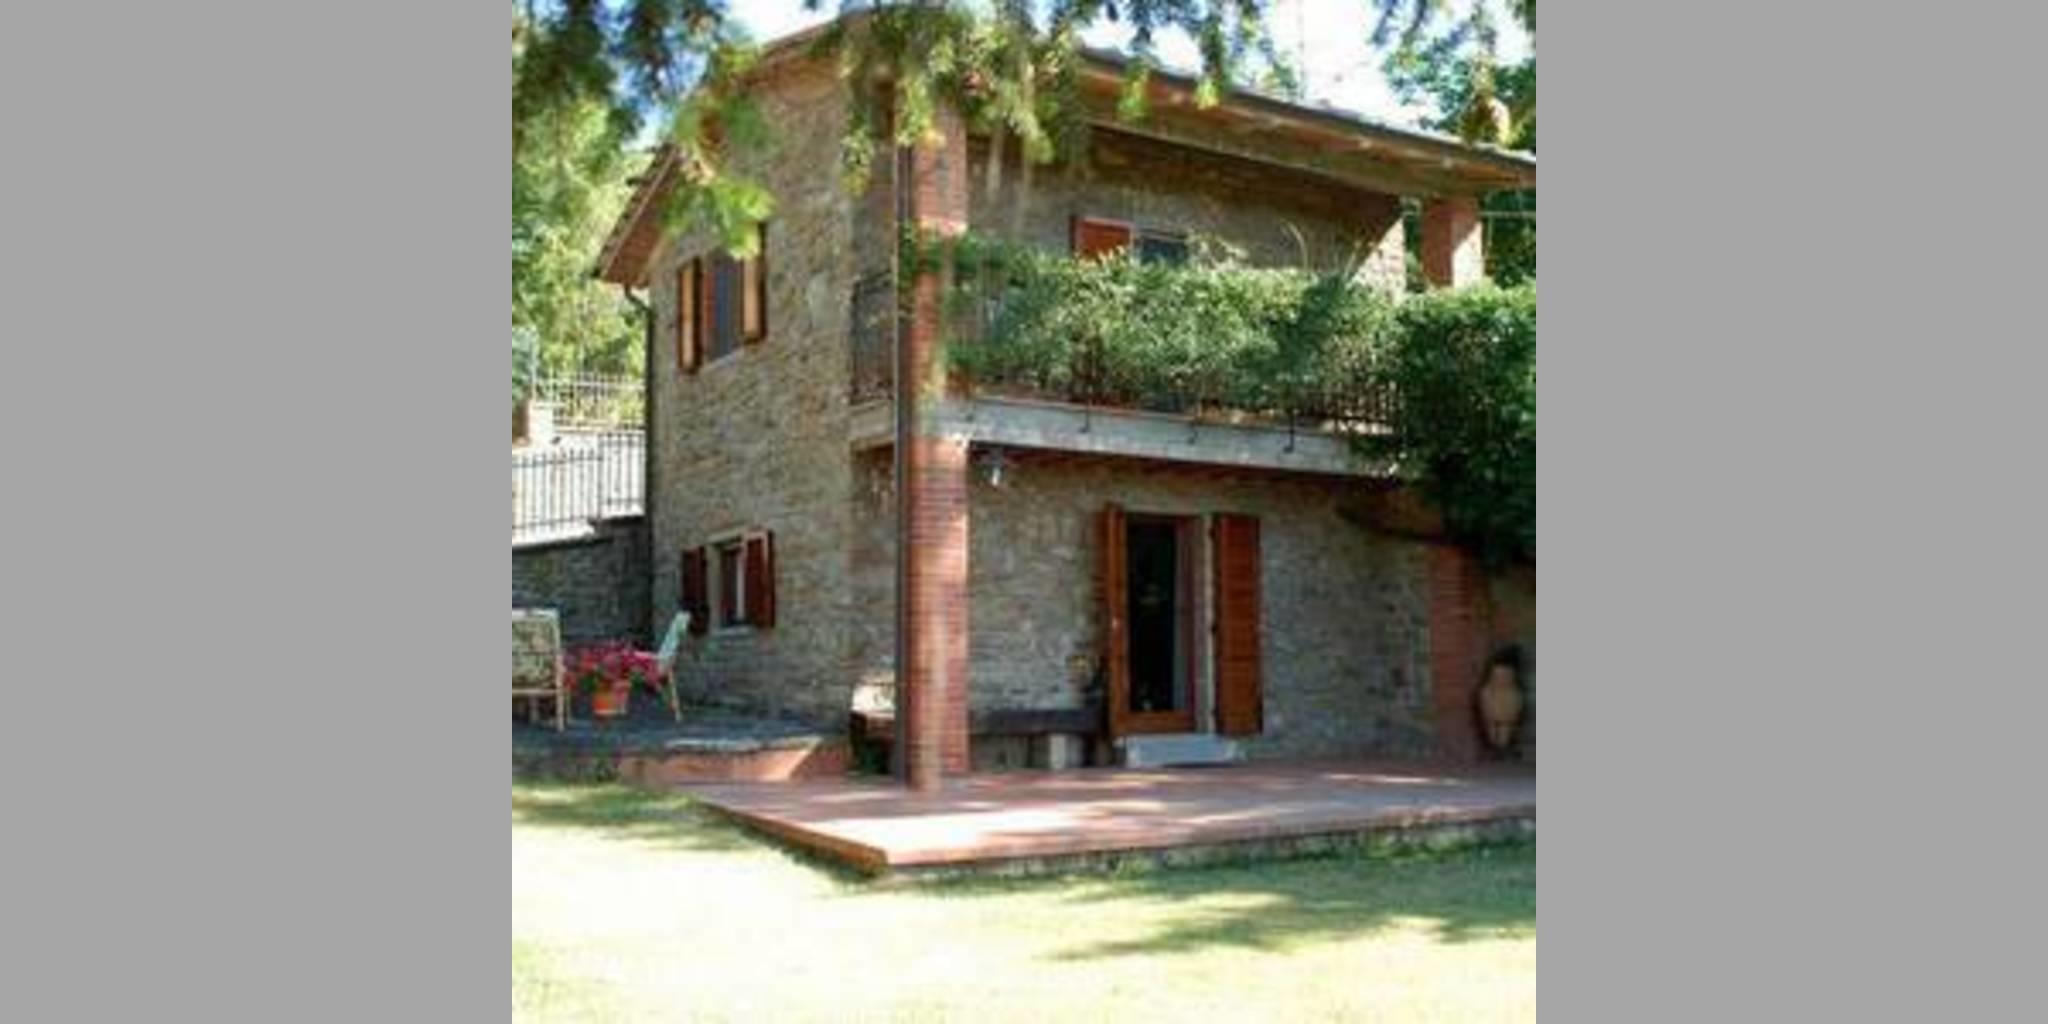 b_TY258_20120924115809_esterno_casa2.jpg